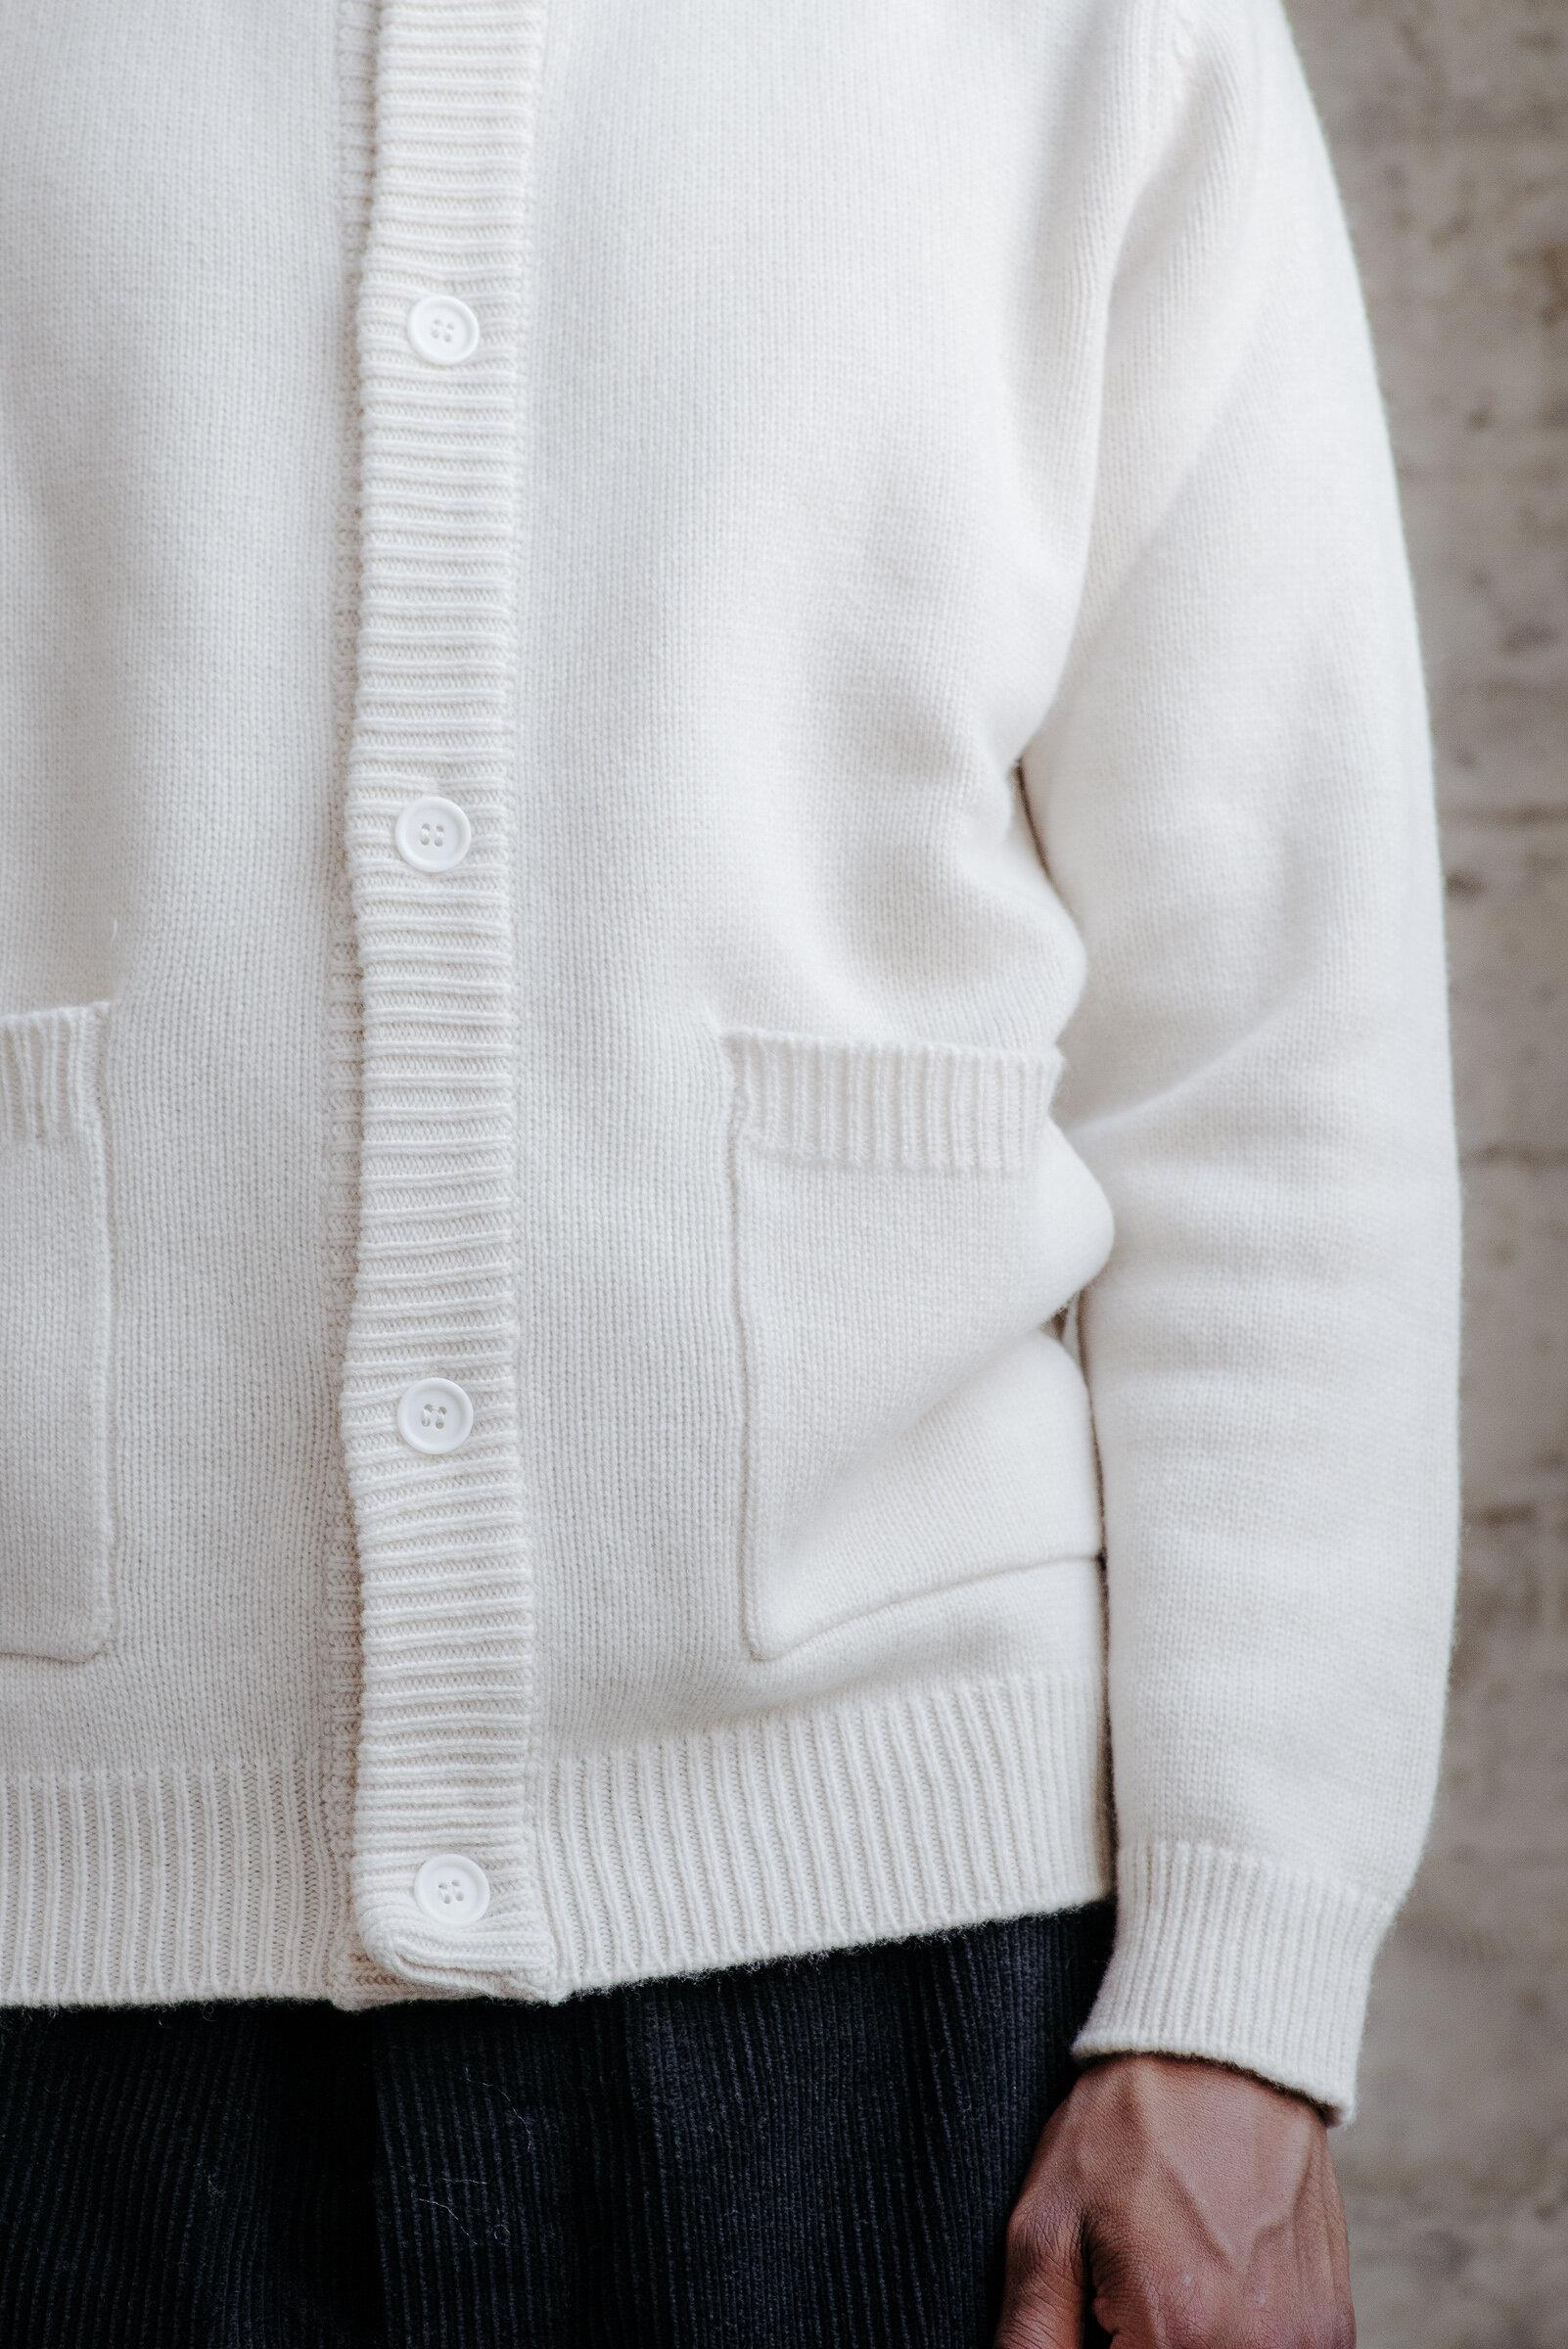 evan-kinori-crewneck-cardigan-cashmere-lambswool-made-in-italy-5